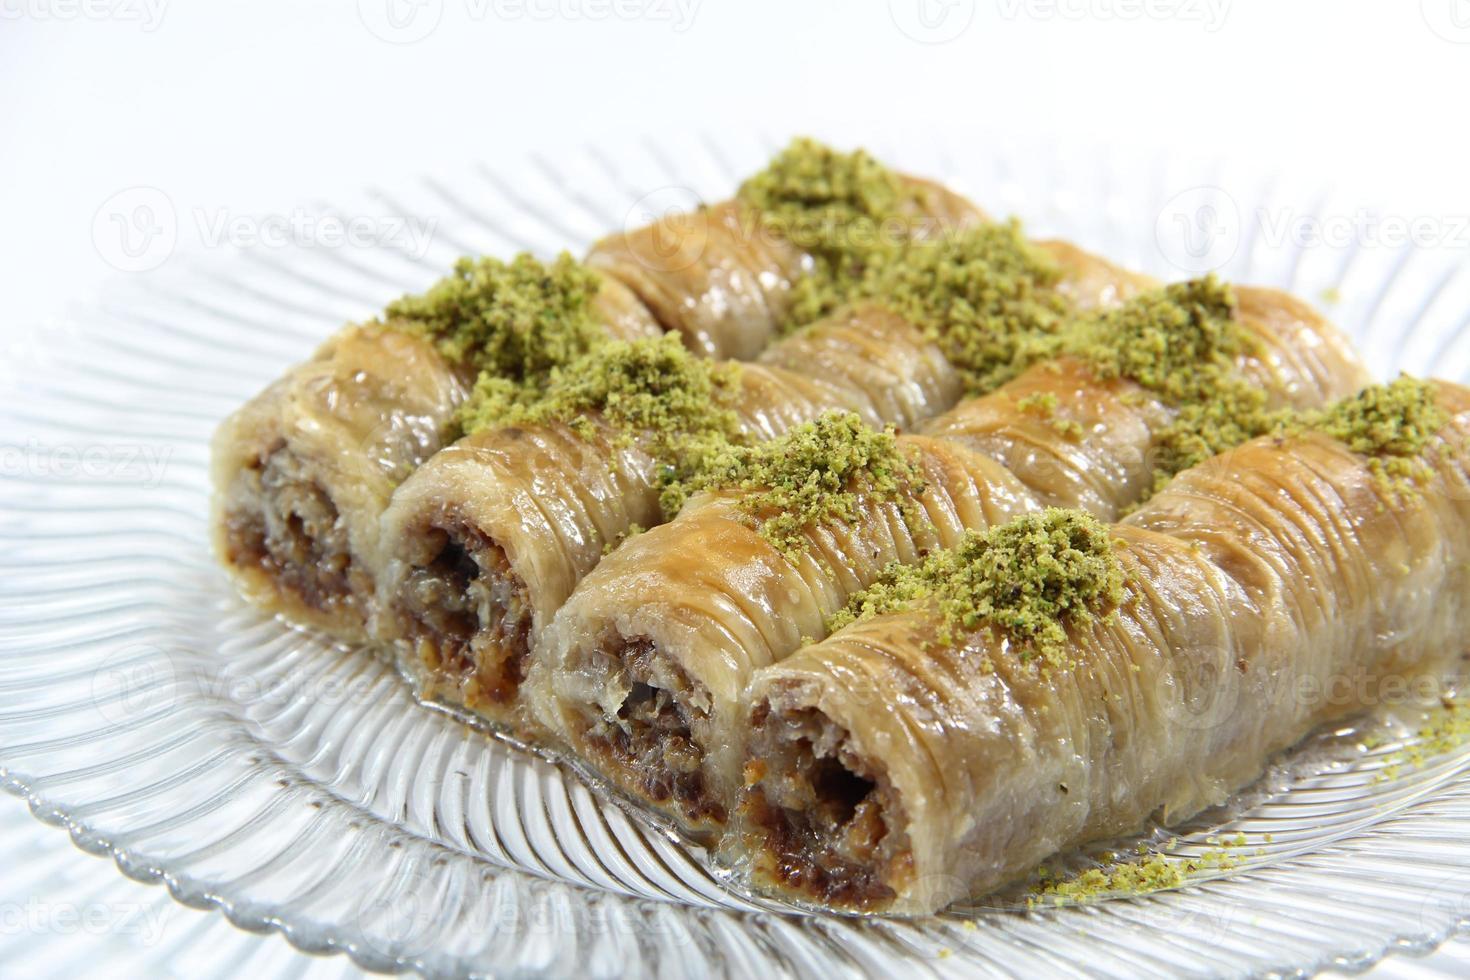 Turkish delight - Baklava photo